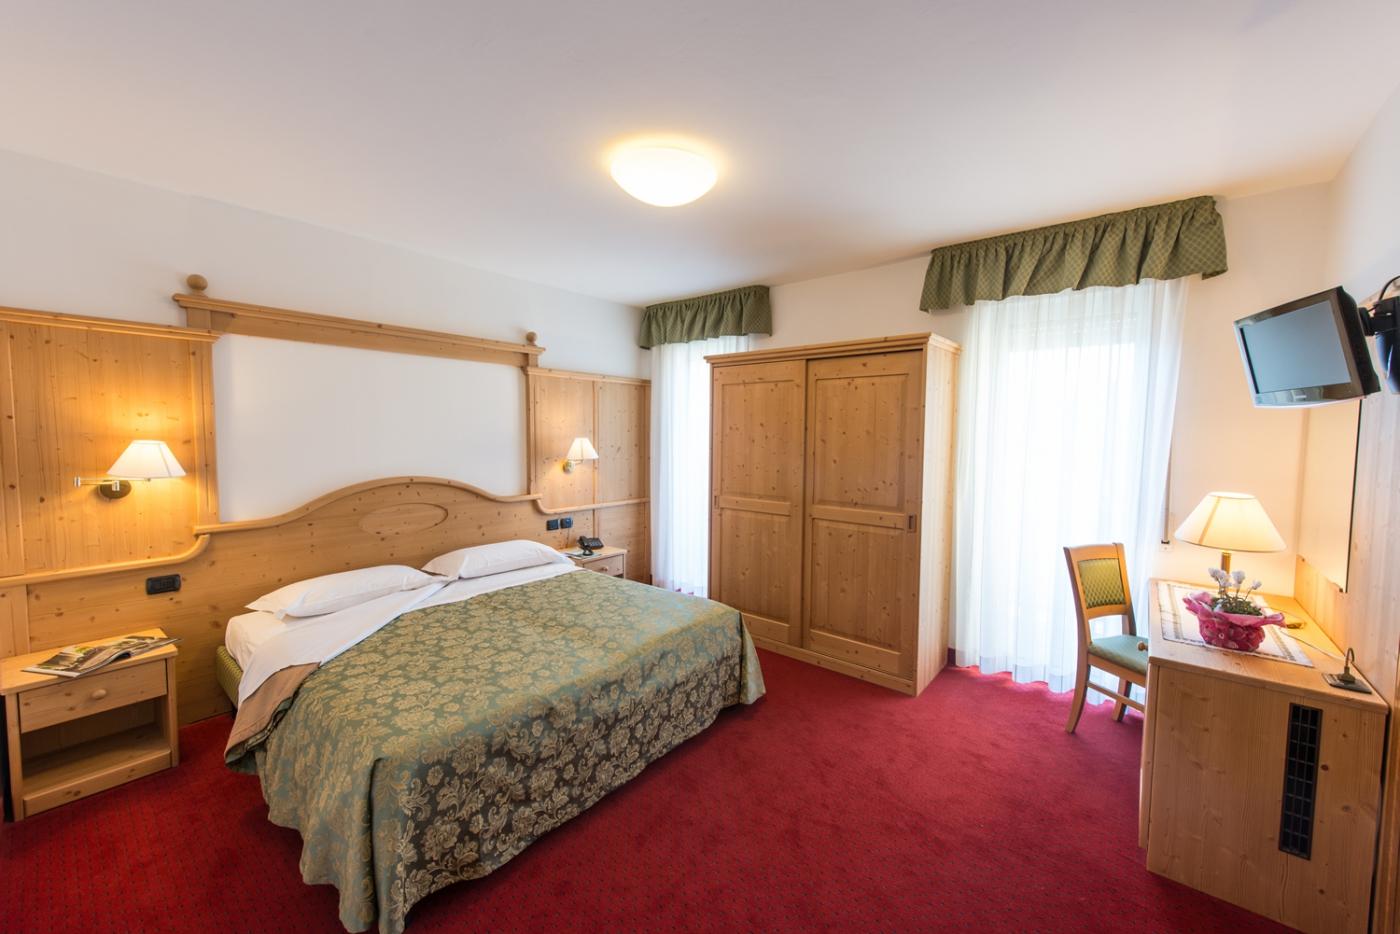 Camera elegance hotel lucia 3 stelle levico terme con piscina - Hotel piscina in camera ...